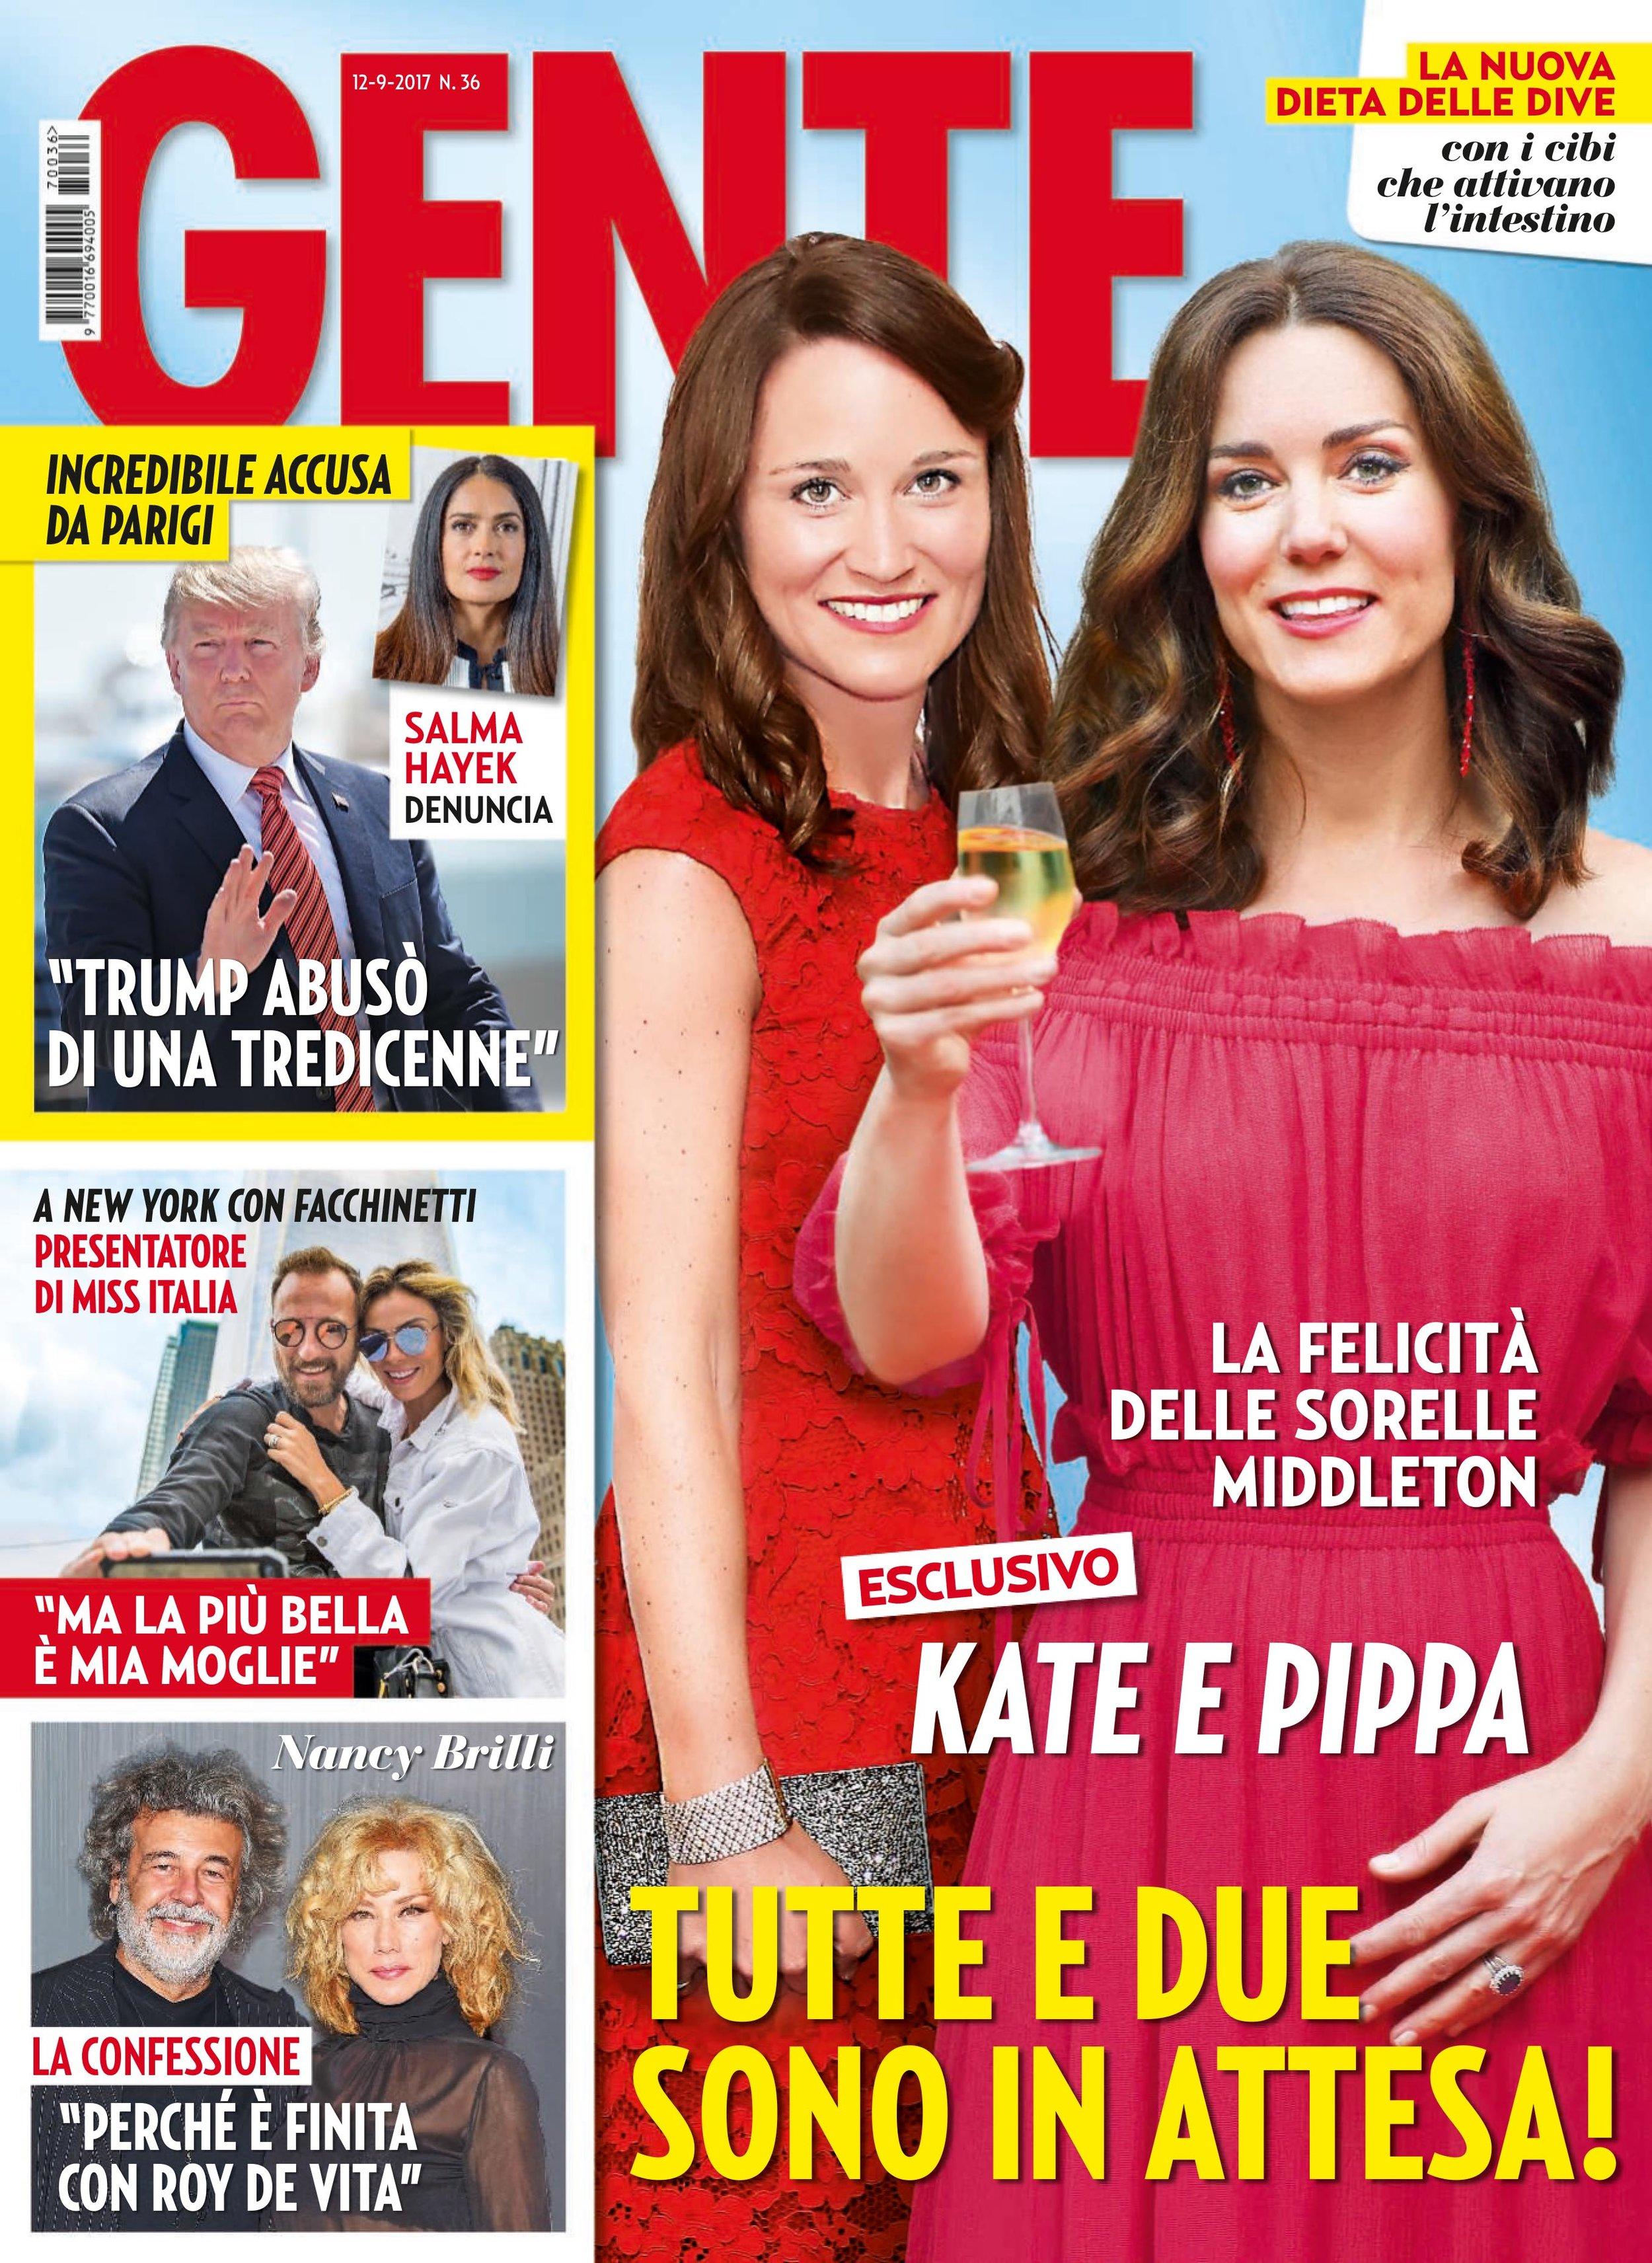 Wilma and Francesco Facchinetti for Gente Magazine